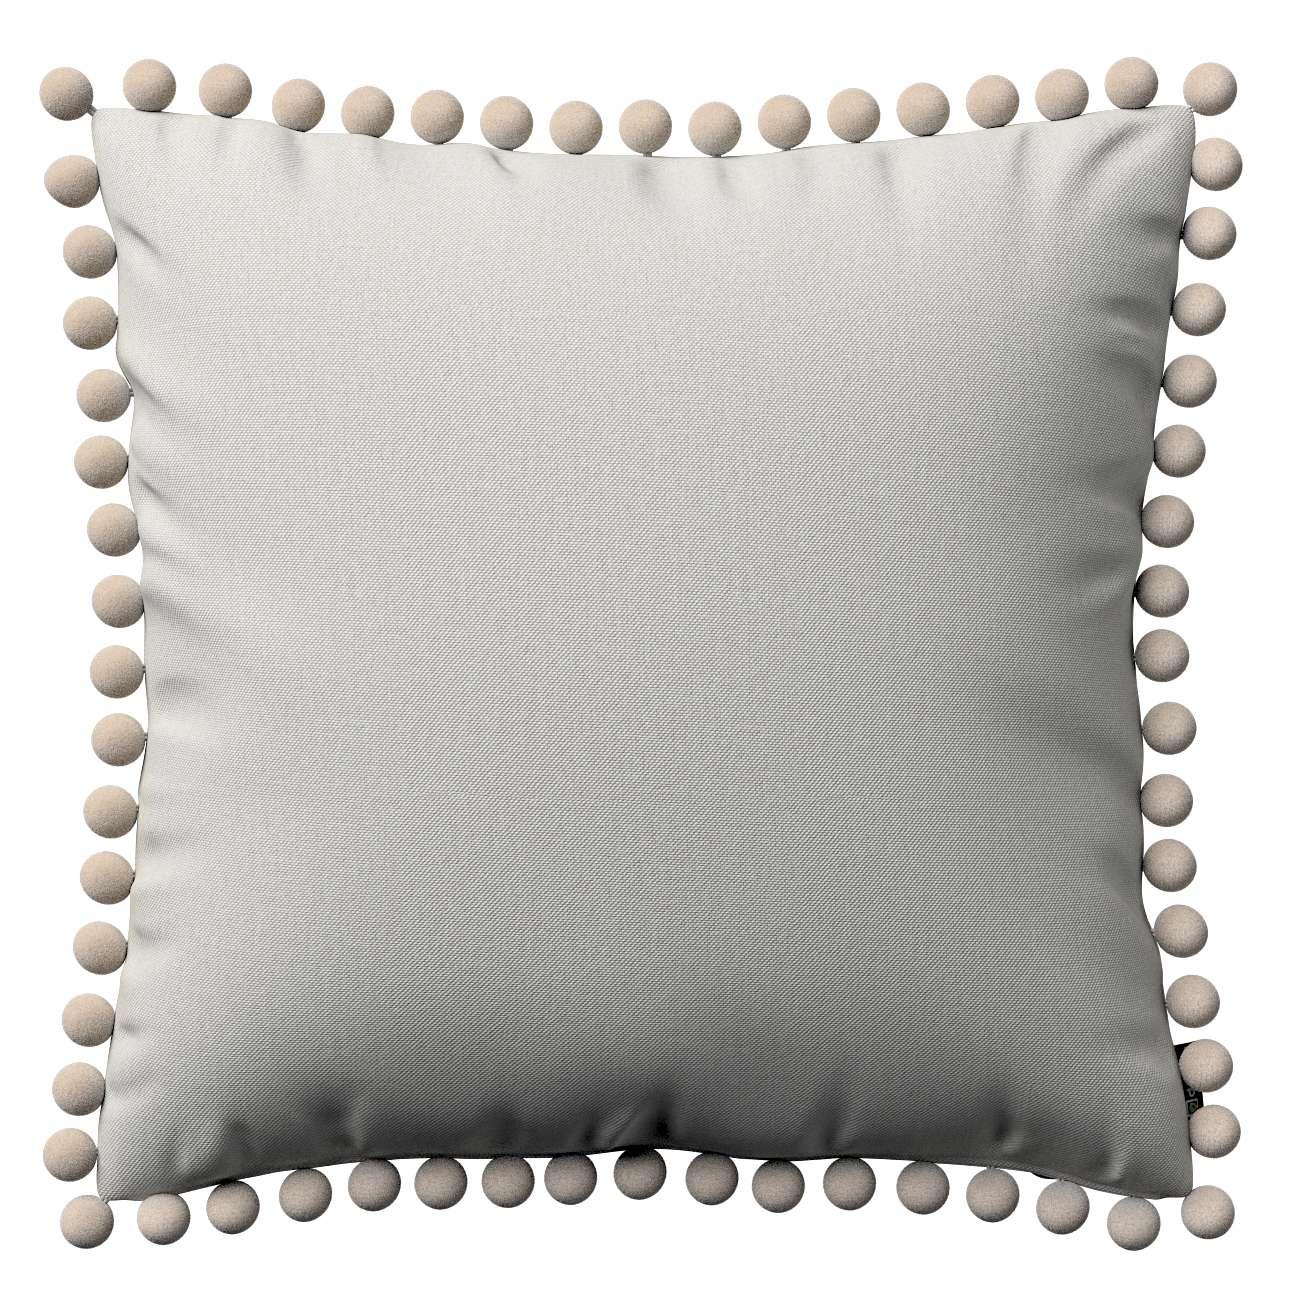 Wera dekoratyvinės pagalvėlės su žaismingais kraštais 45 x 45 cm kolekcijoje Etna , audinys: 705-90